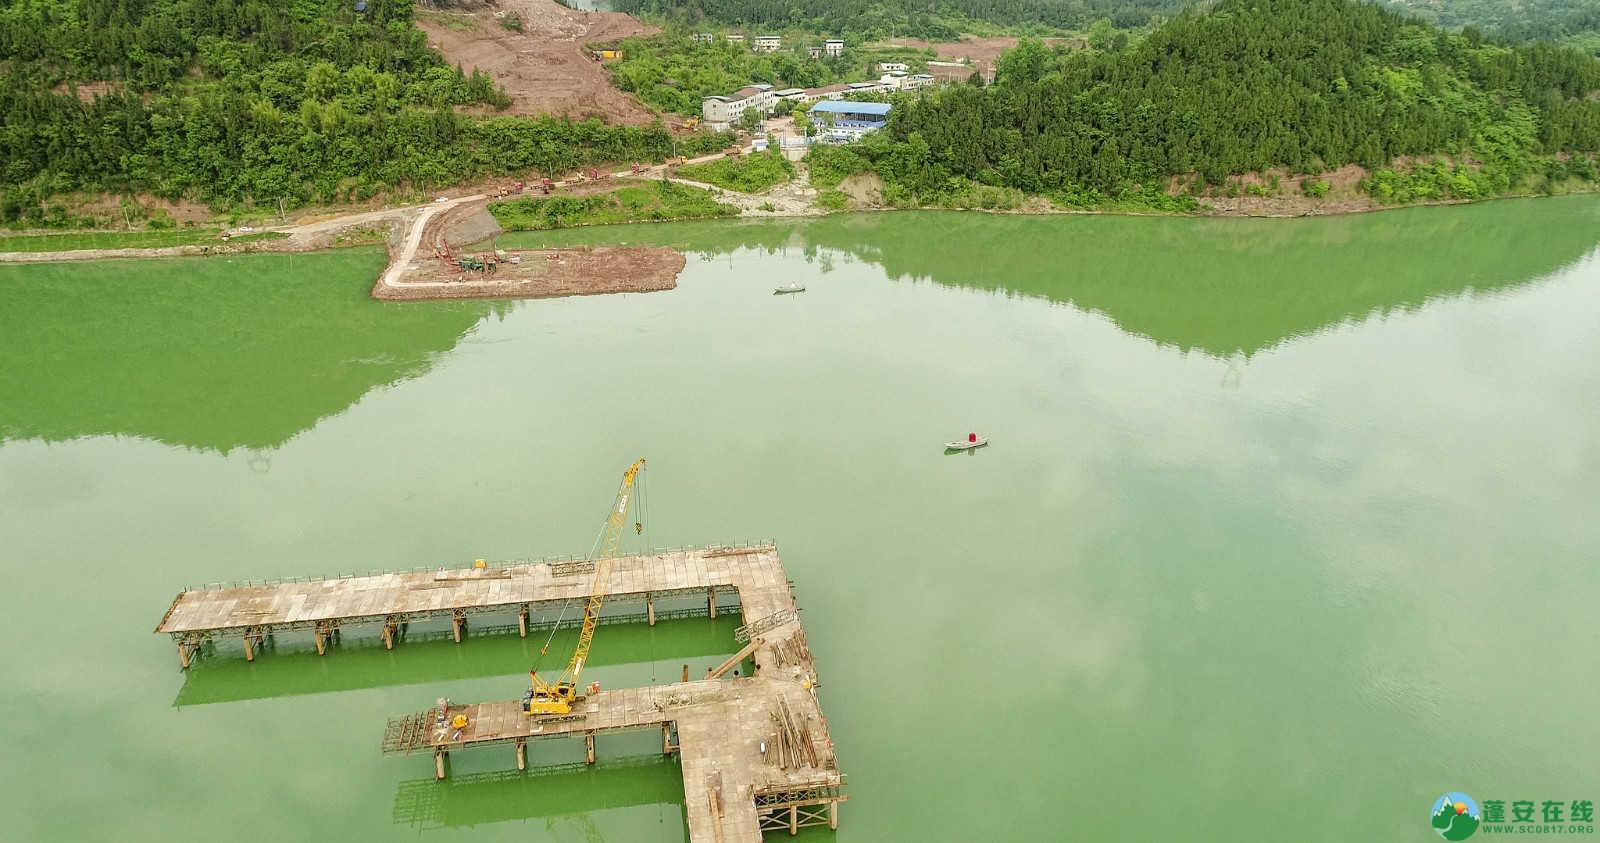 蓬安嘉陵江一桥修建进(2019年5月11日) - 第11张  | 蓬安在线